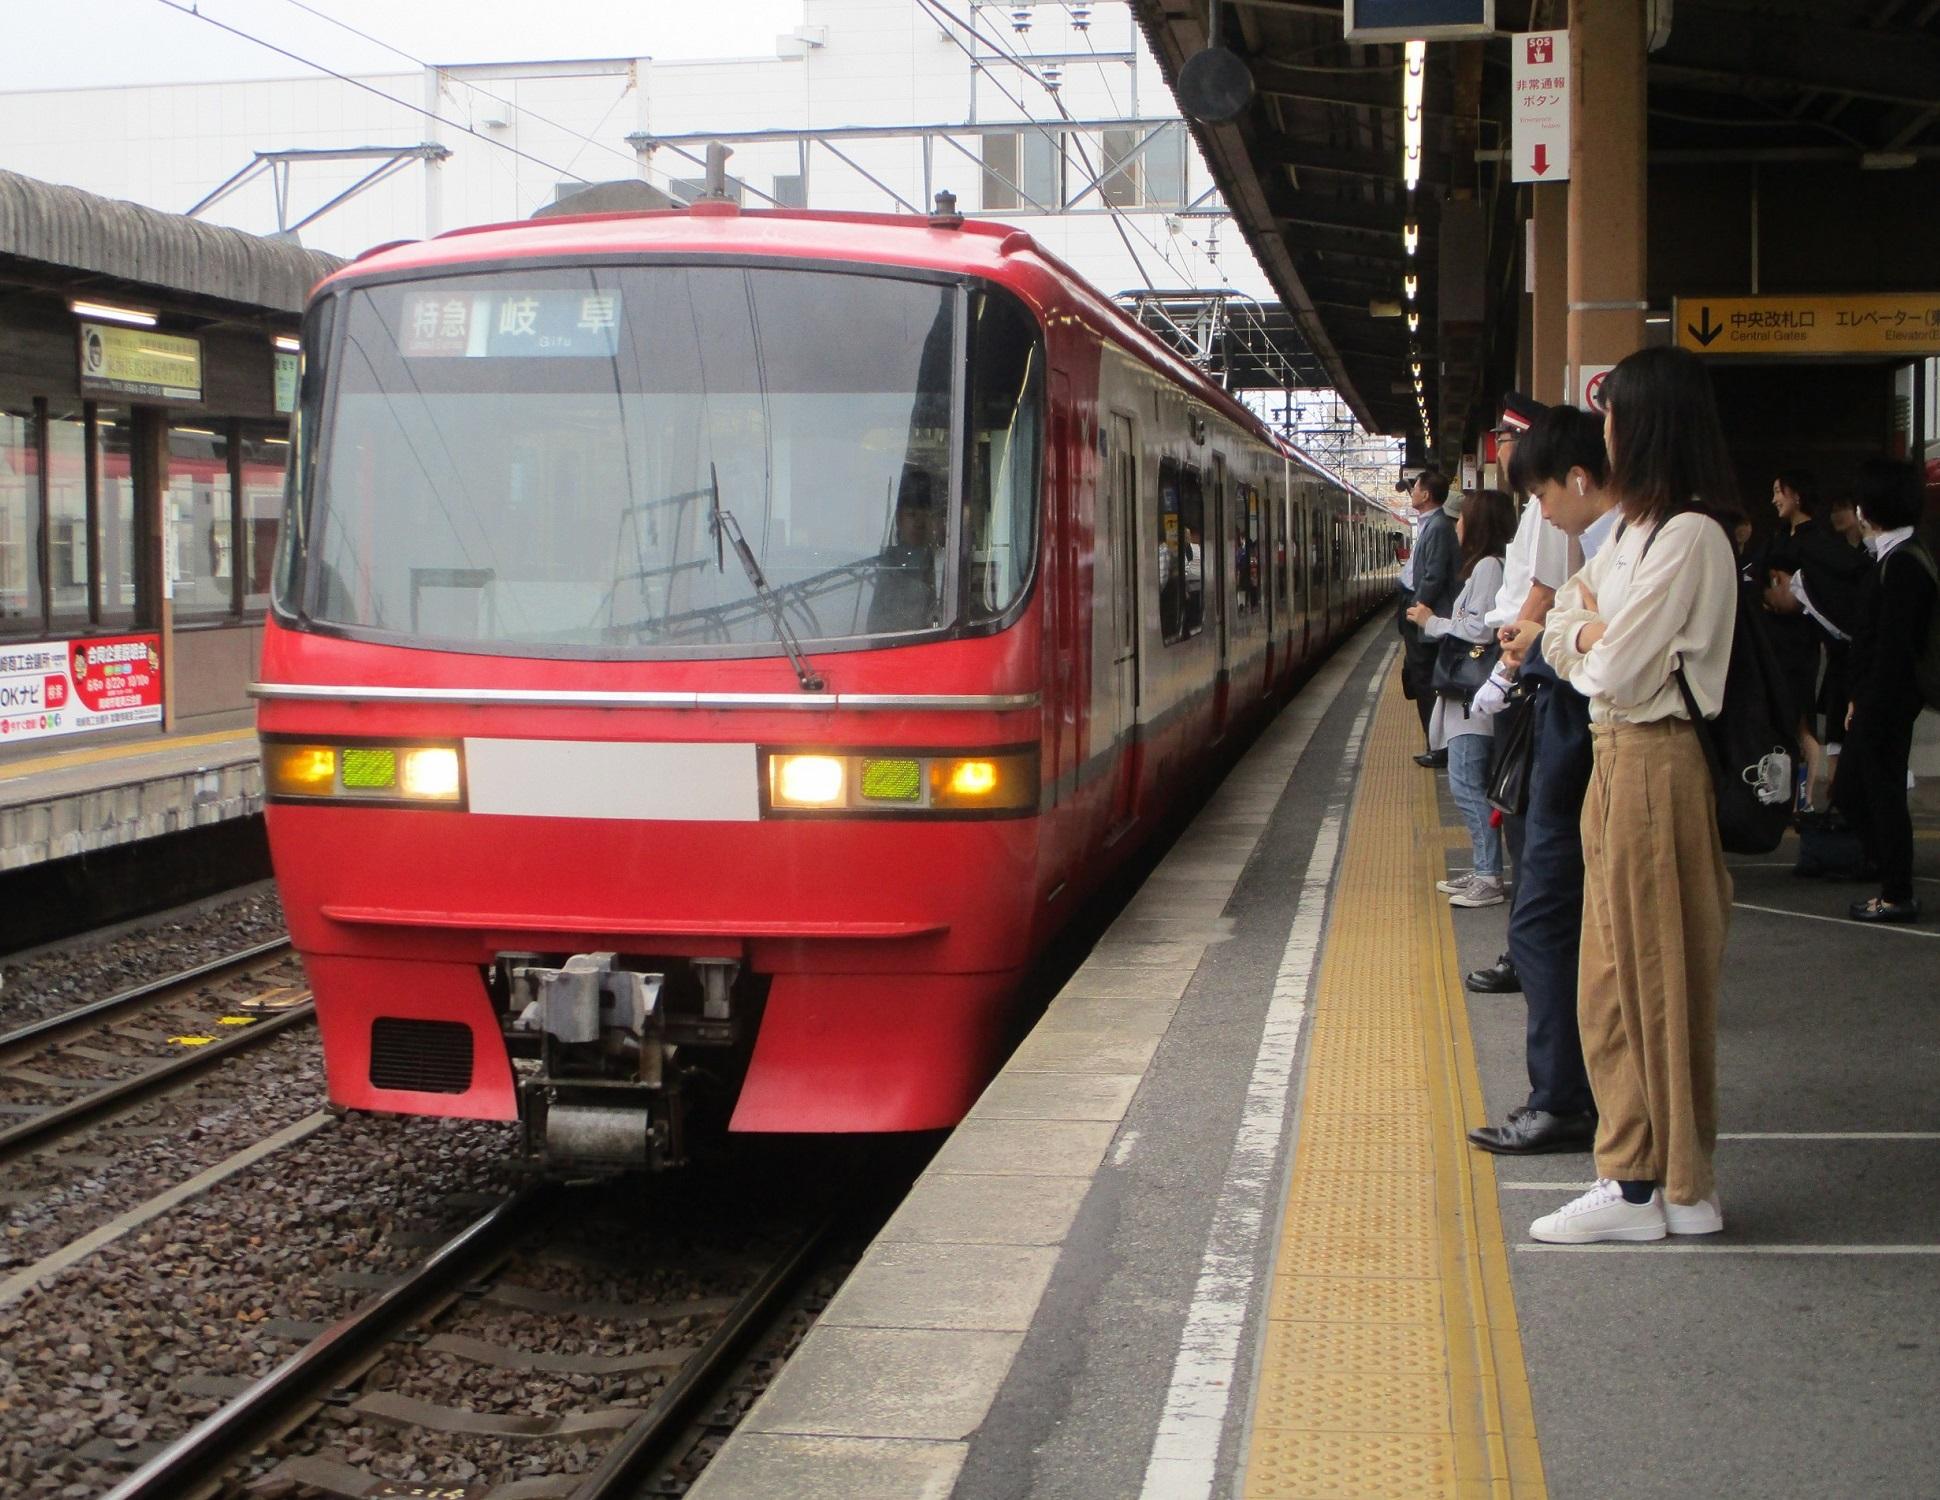 2019.10.7 (34) 東岡崎 - 岐阜いき特急 1940-1500